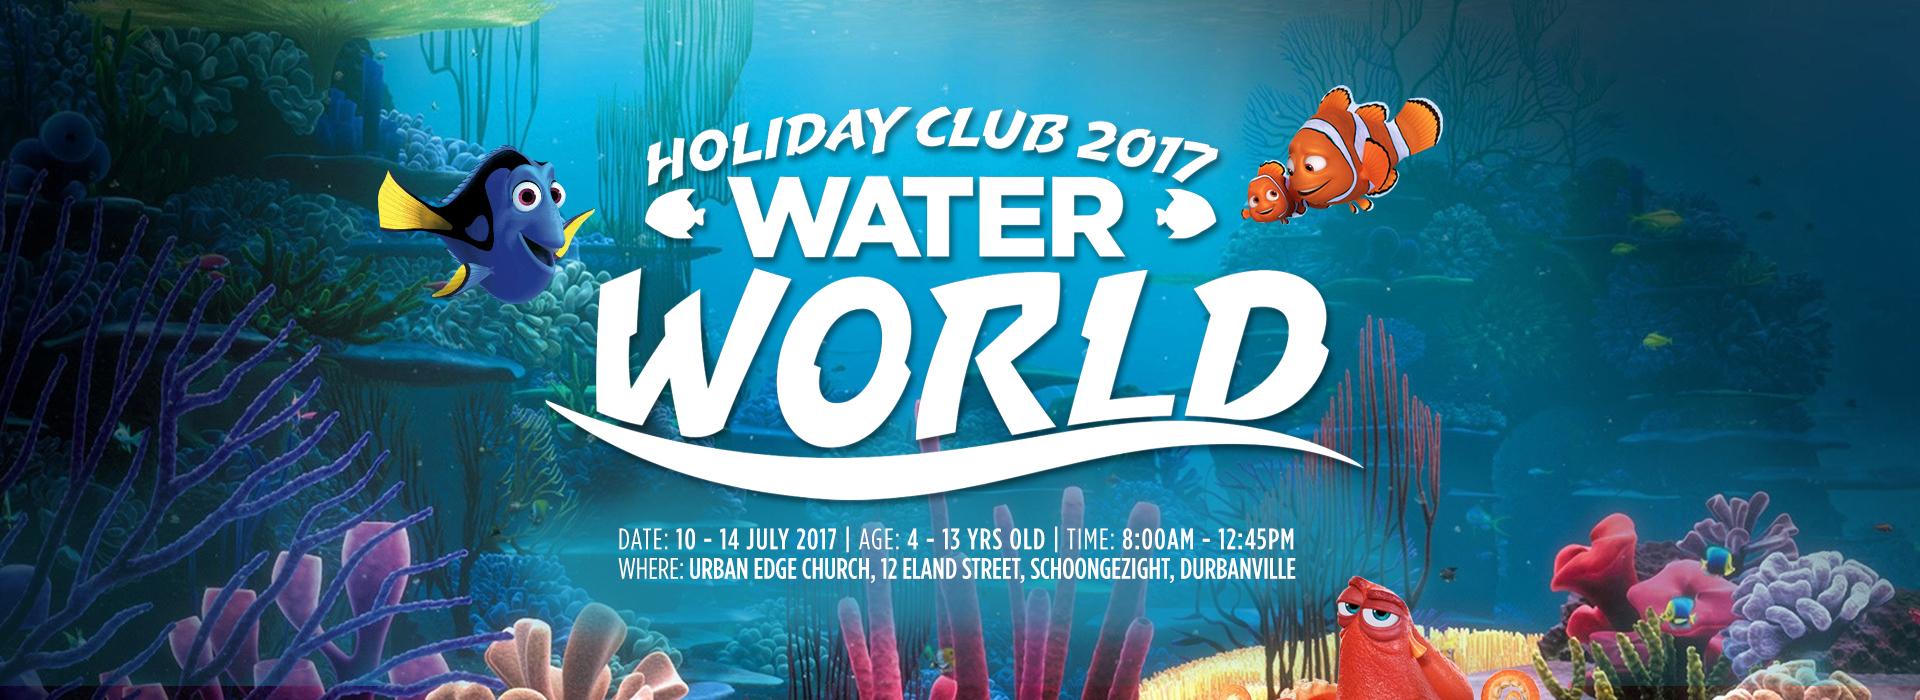 HolidayClub2017_WebBanner